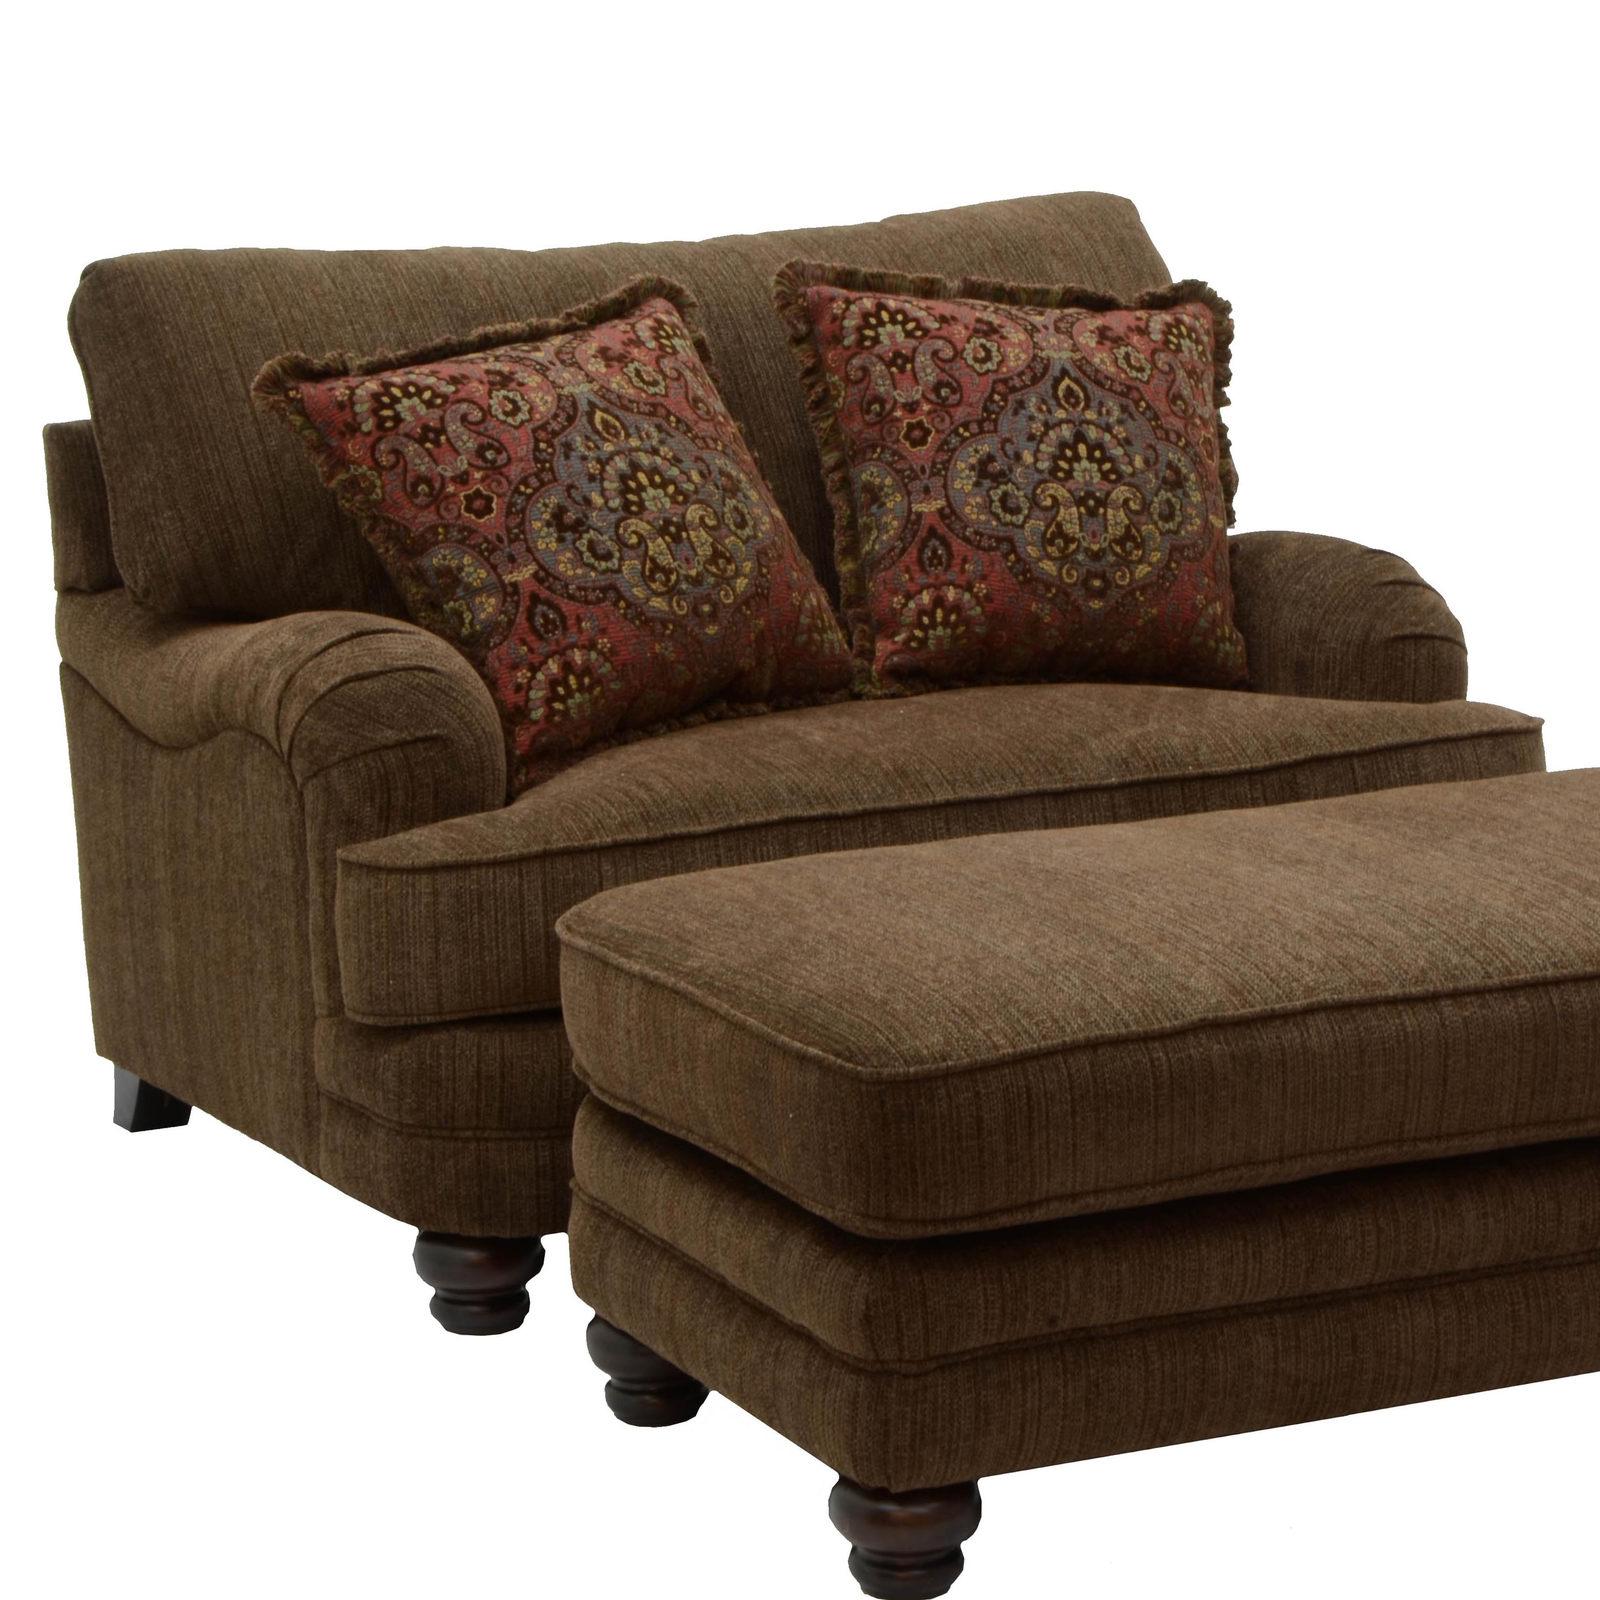 Well Known Jackson Brennan Chair And A Half In Auburn/garnet 4438 01 Code Throughout Brennan Sofa Chairs (View 9 of 20)